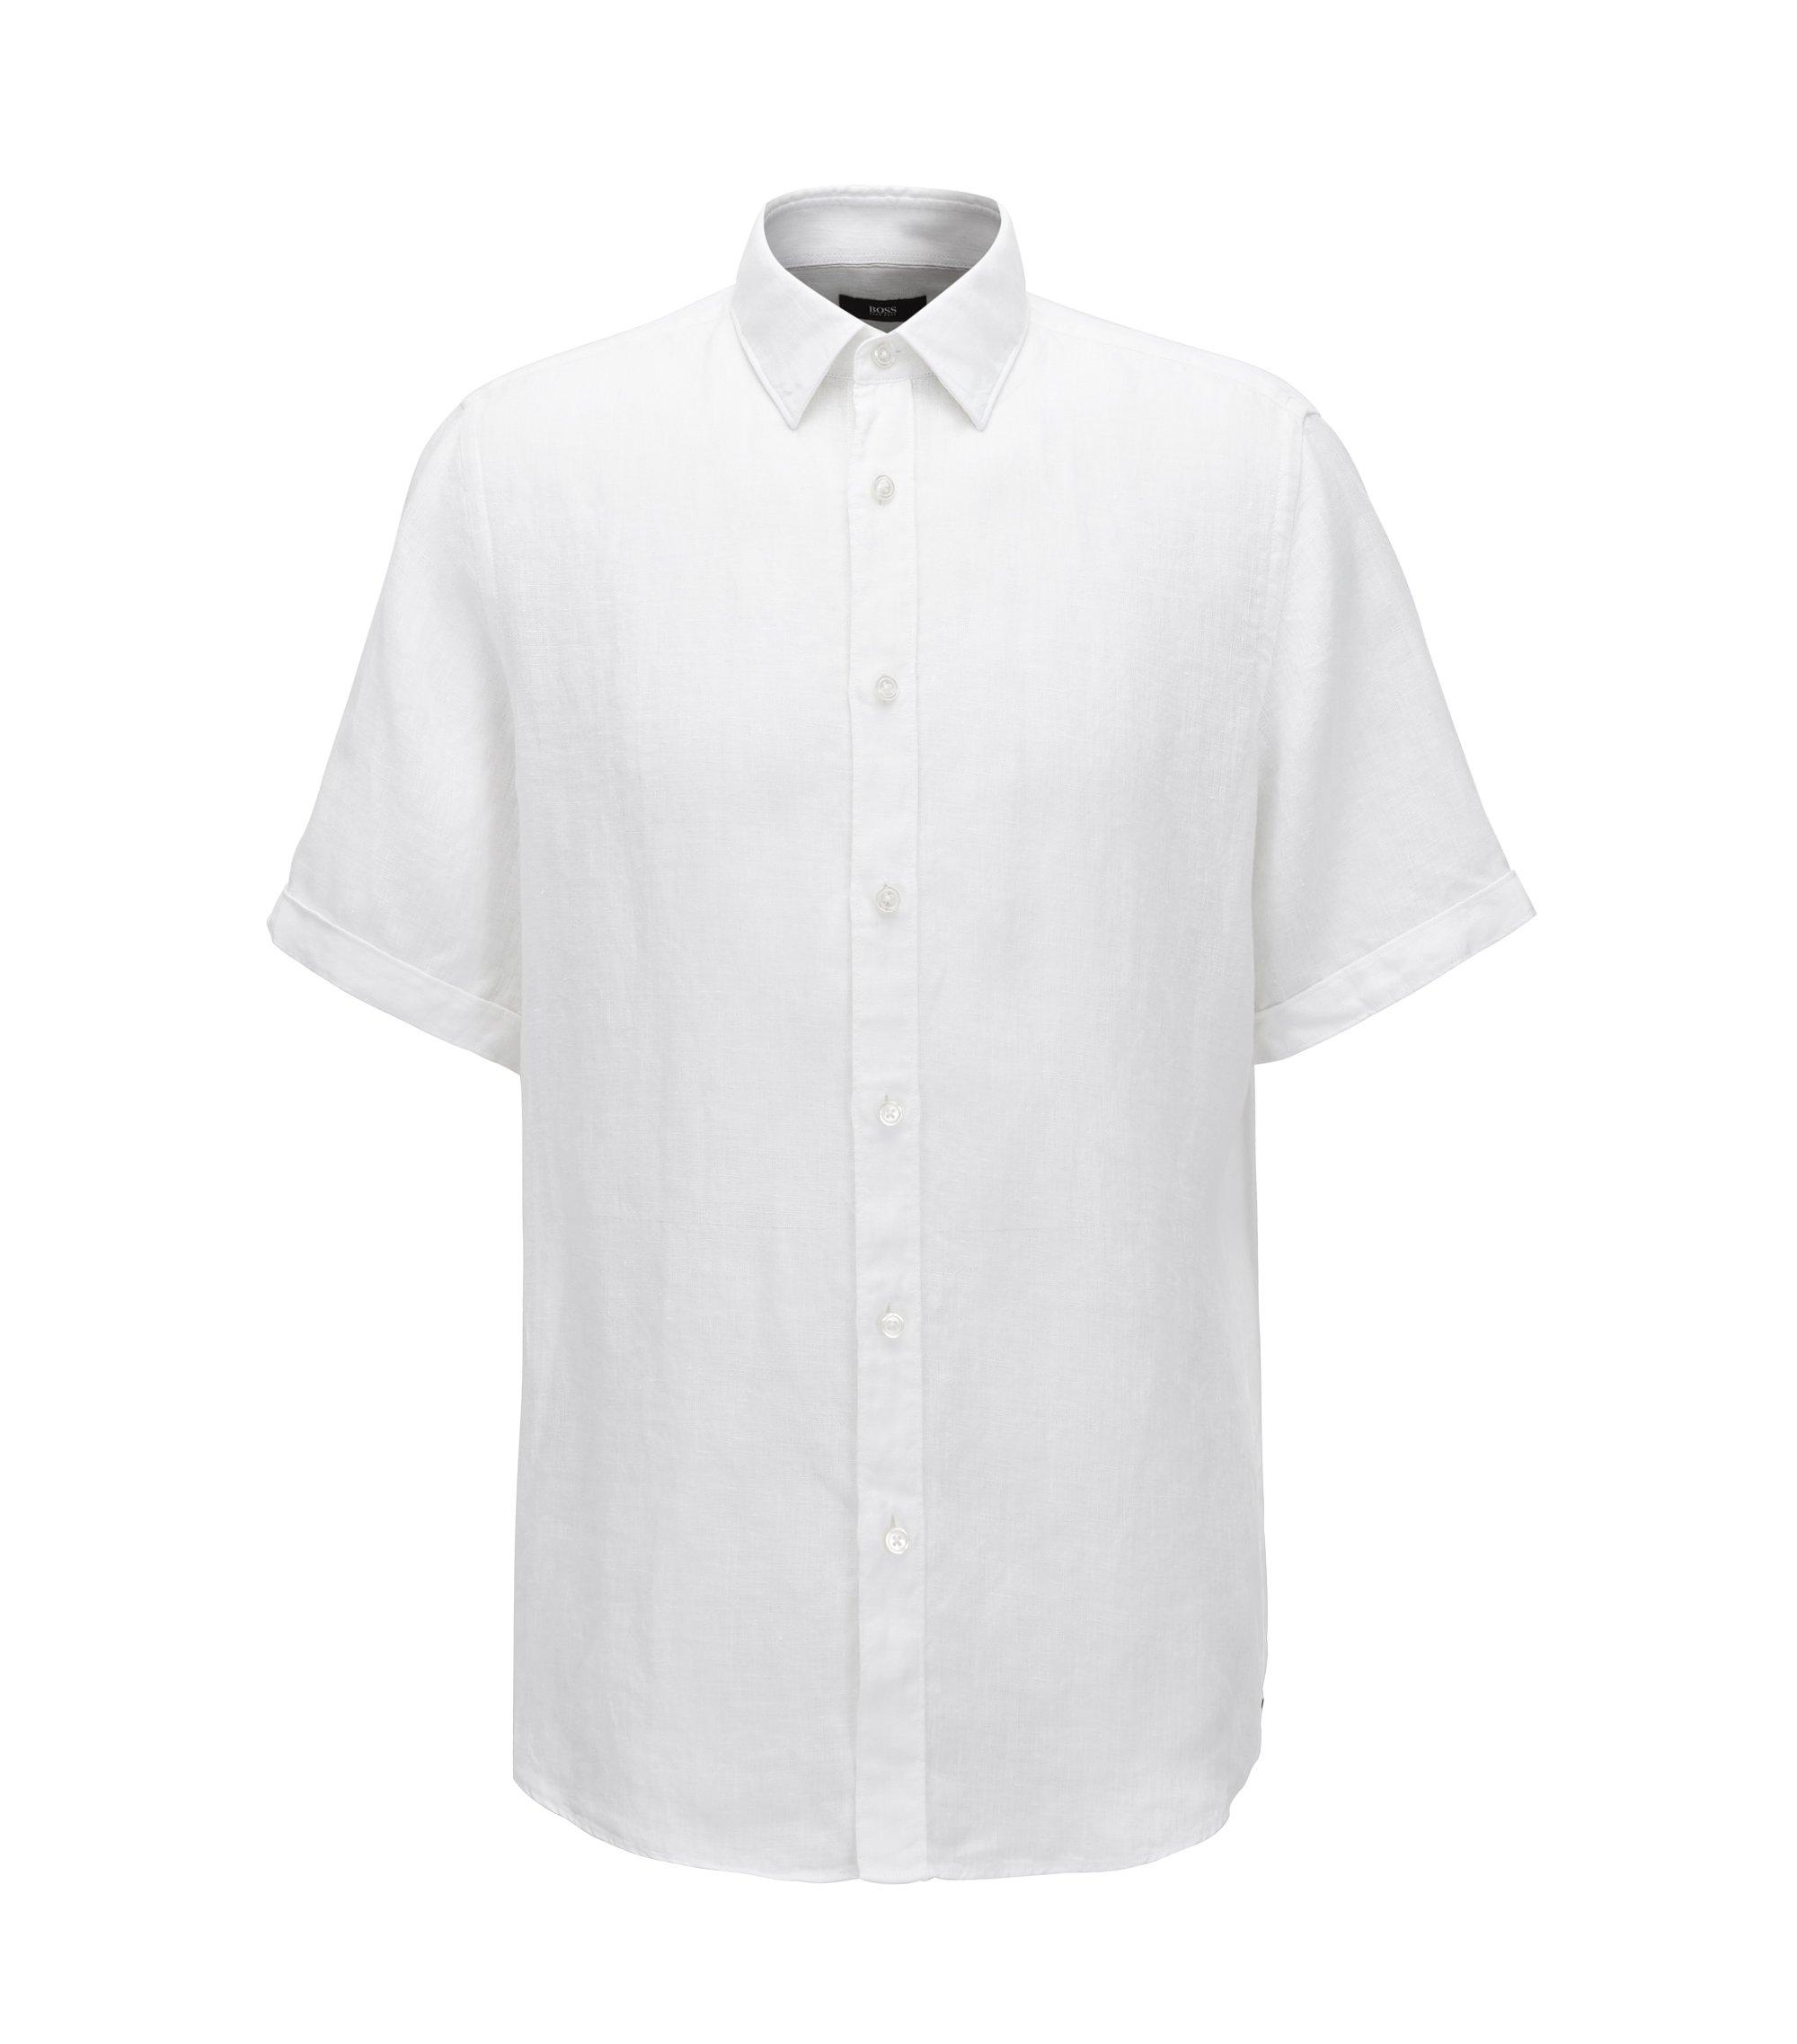 Linen Button Down Shirt, Regular Fit | Luka, White